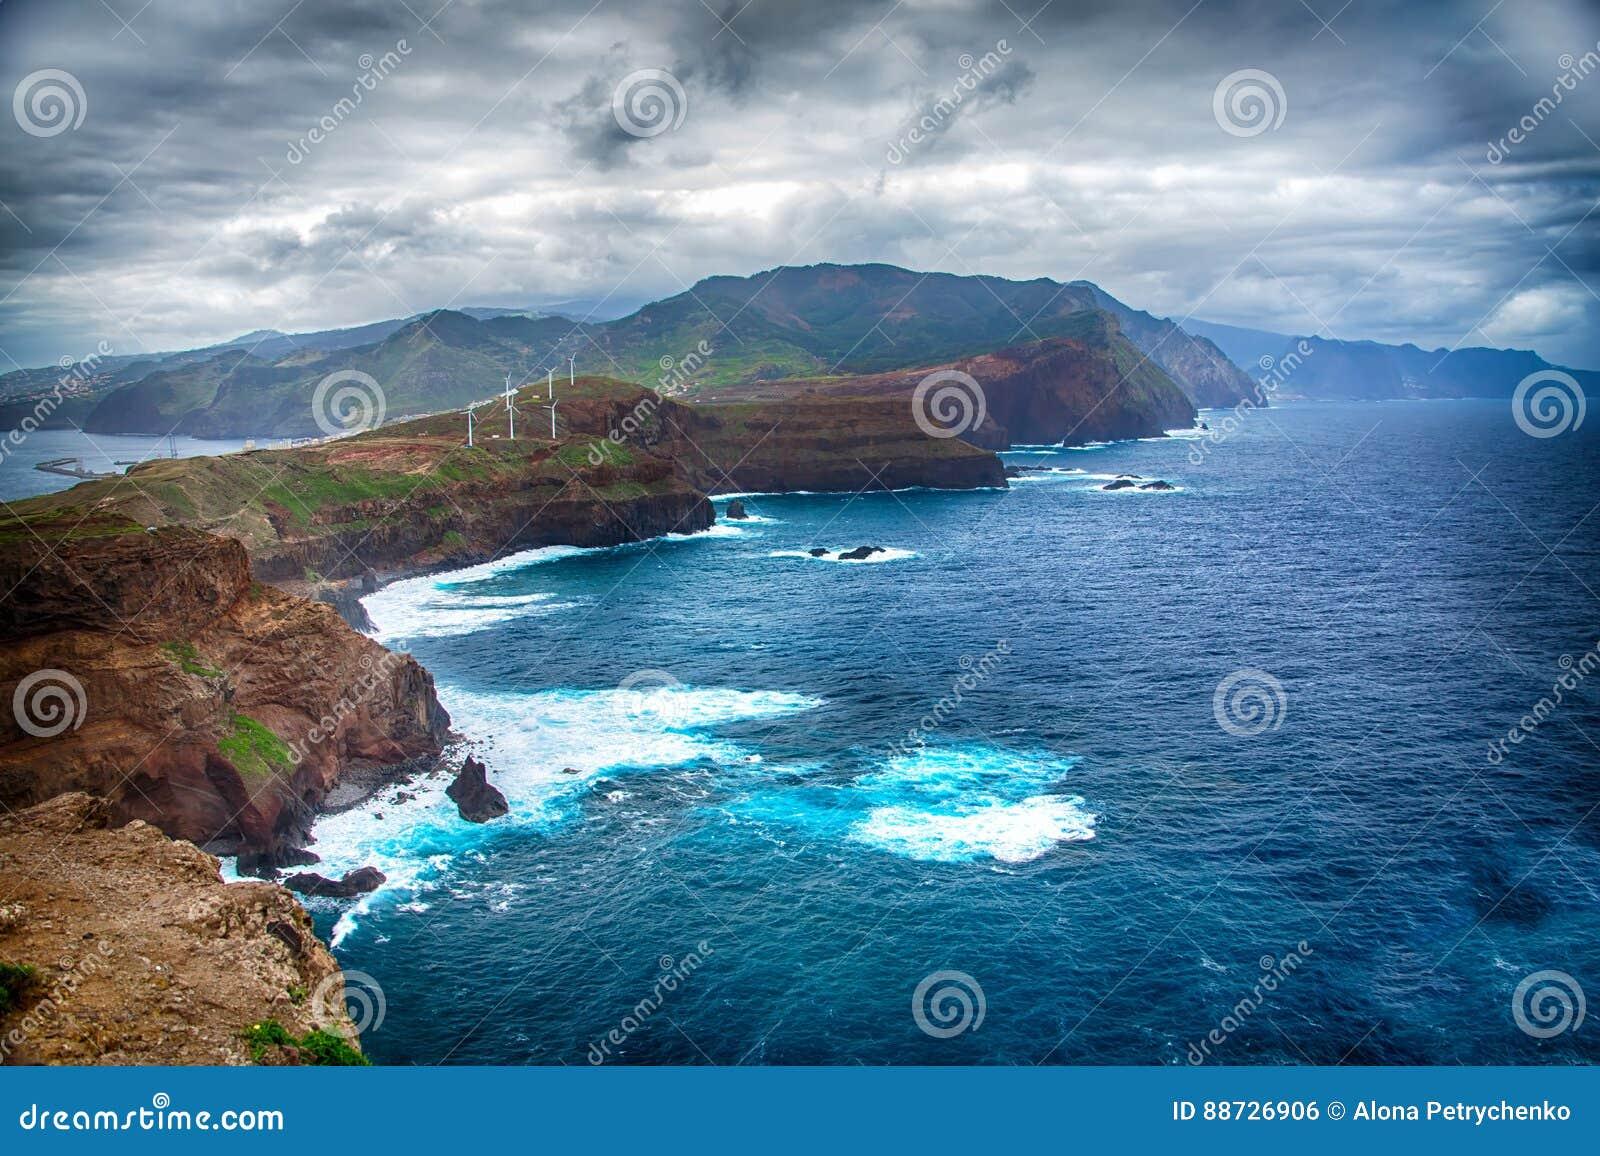 蓝色海洋、山、岩石、风车和多云天空